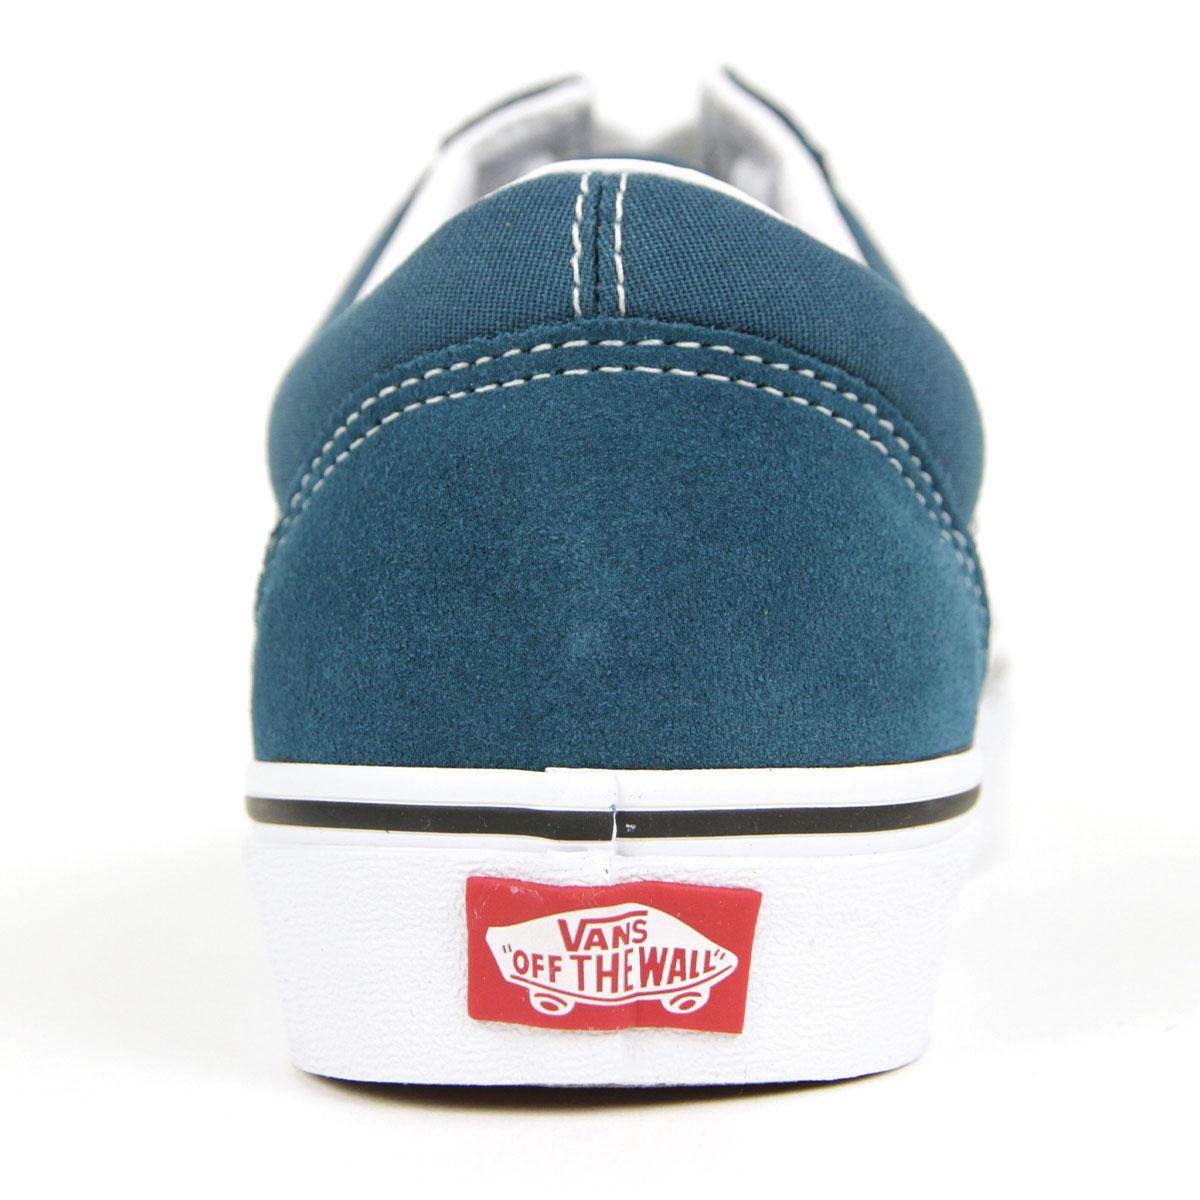 バンズ スニーカー メンズ 正規販売店 VANS スニーカー オールドスクール VANS OLD SKOOL BLUE CORAL/TRUE WHITE VN0A38G19EM A33B B1C C4D D2E E07F